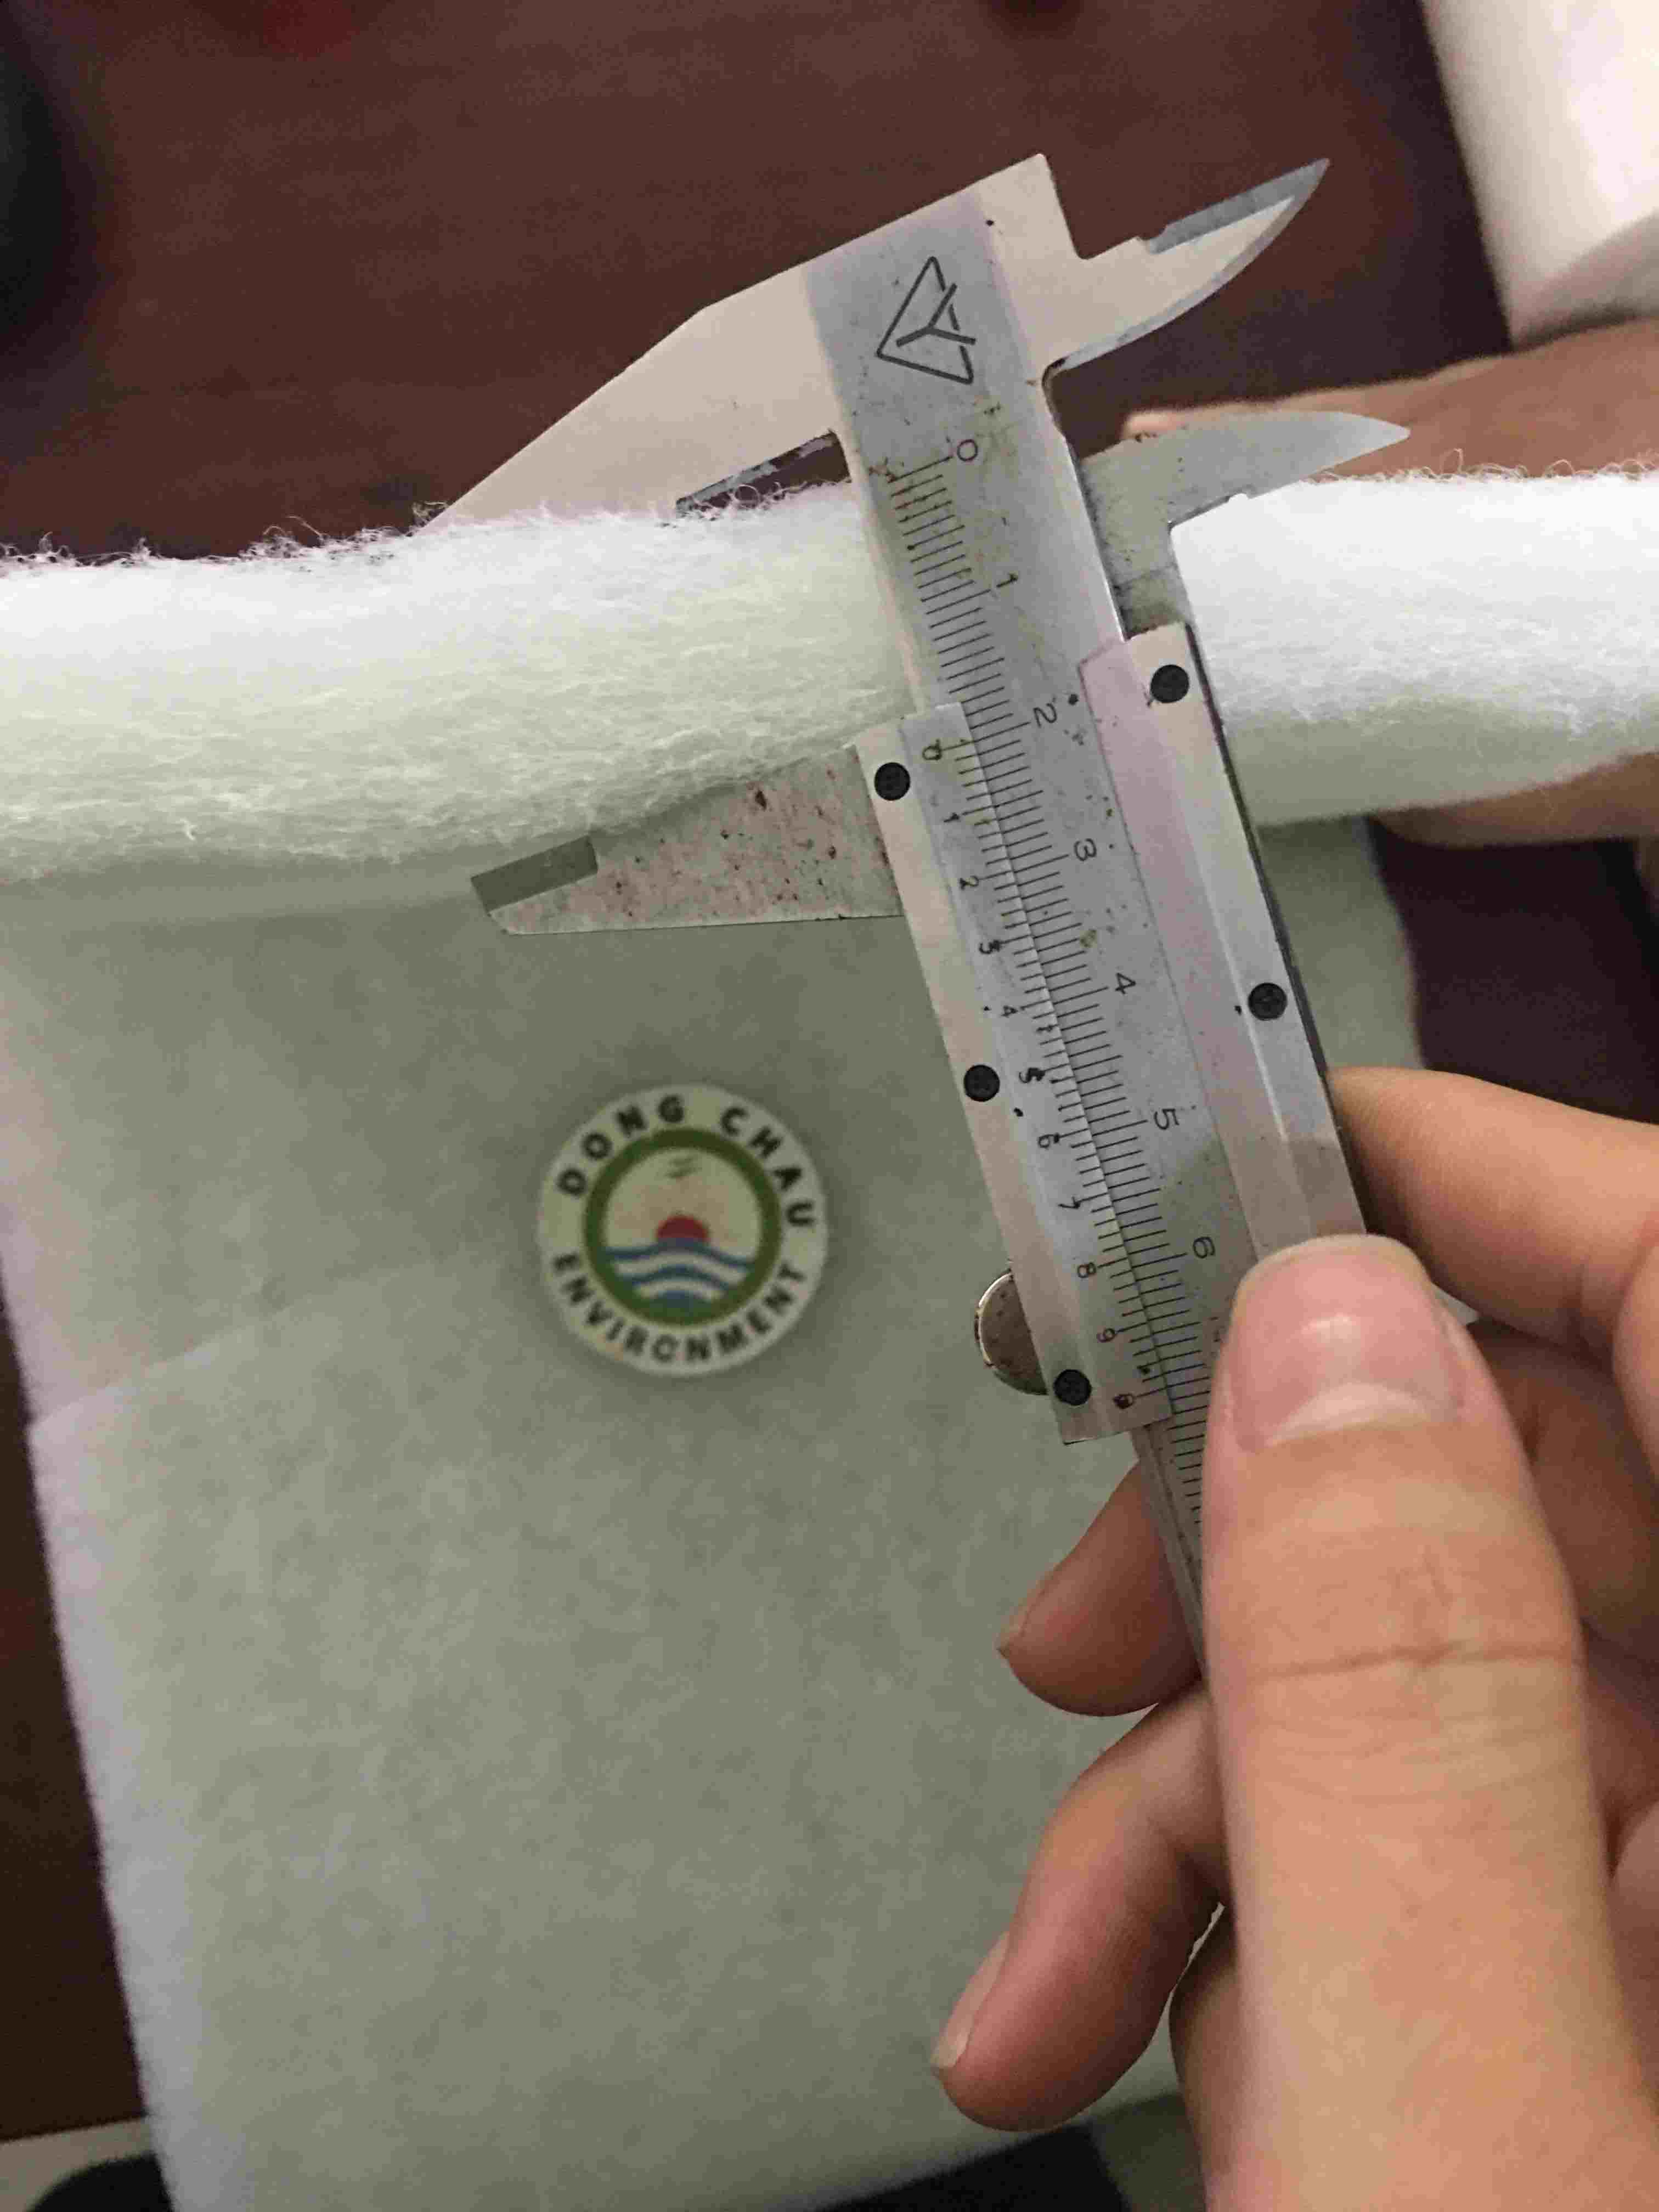 bông lọc bụi g4 dày 20mm